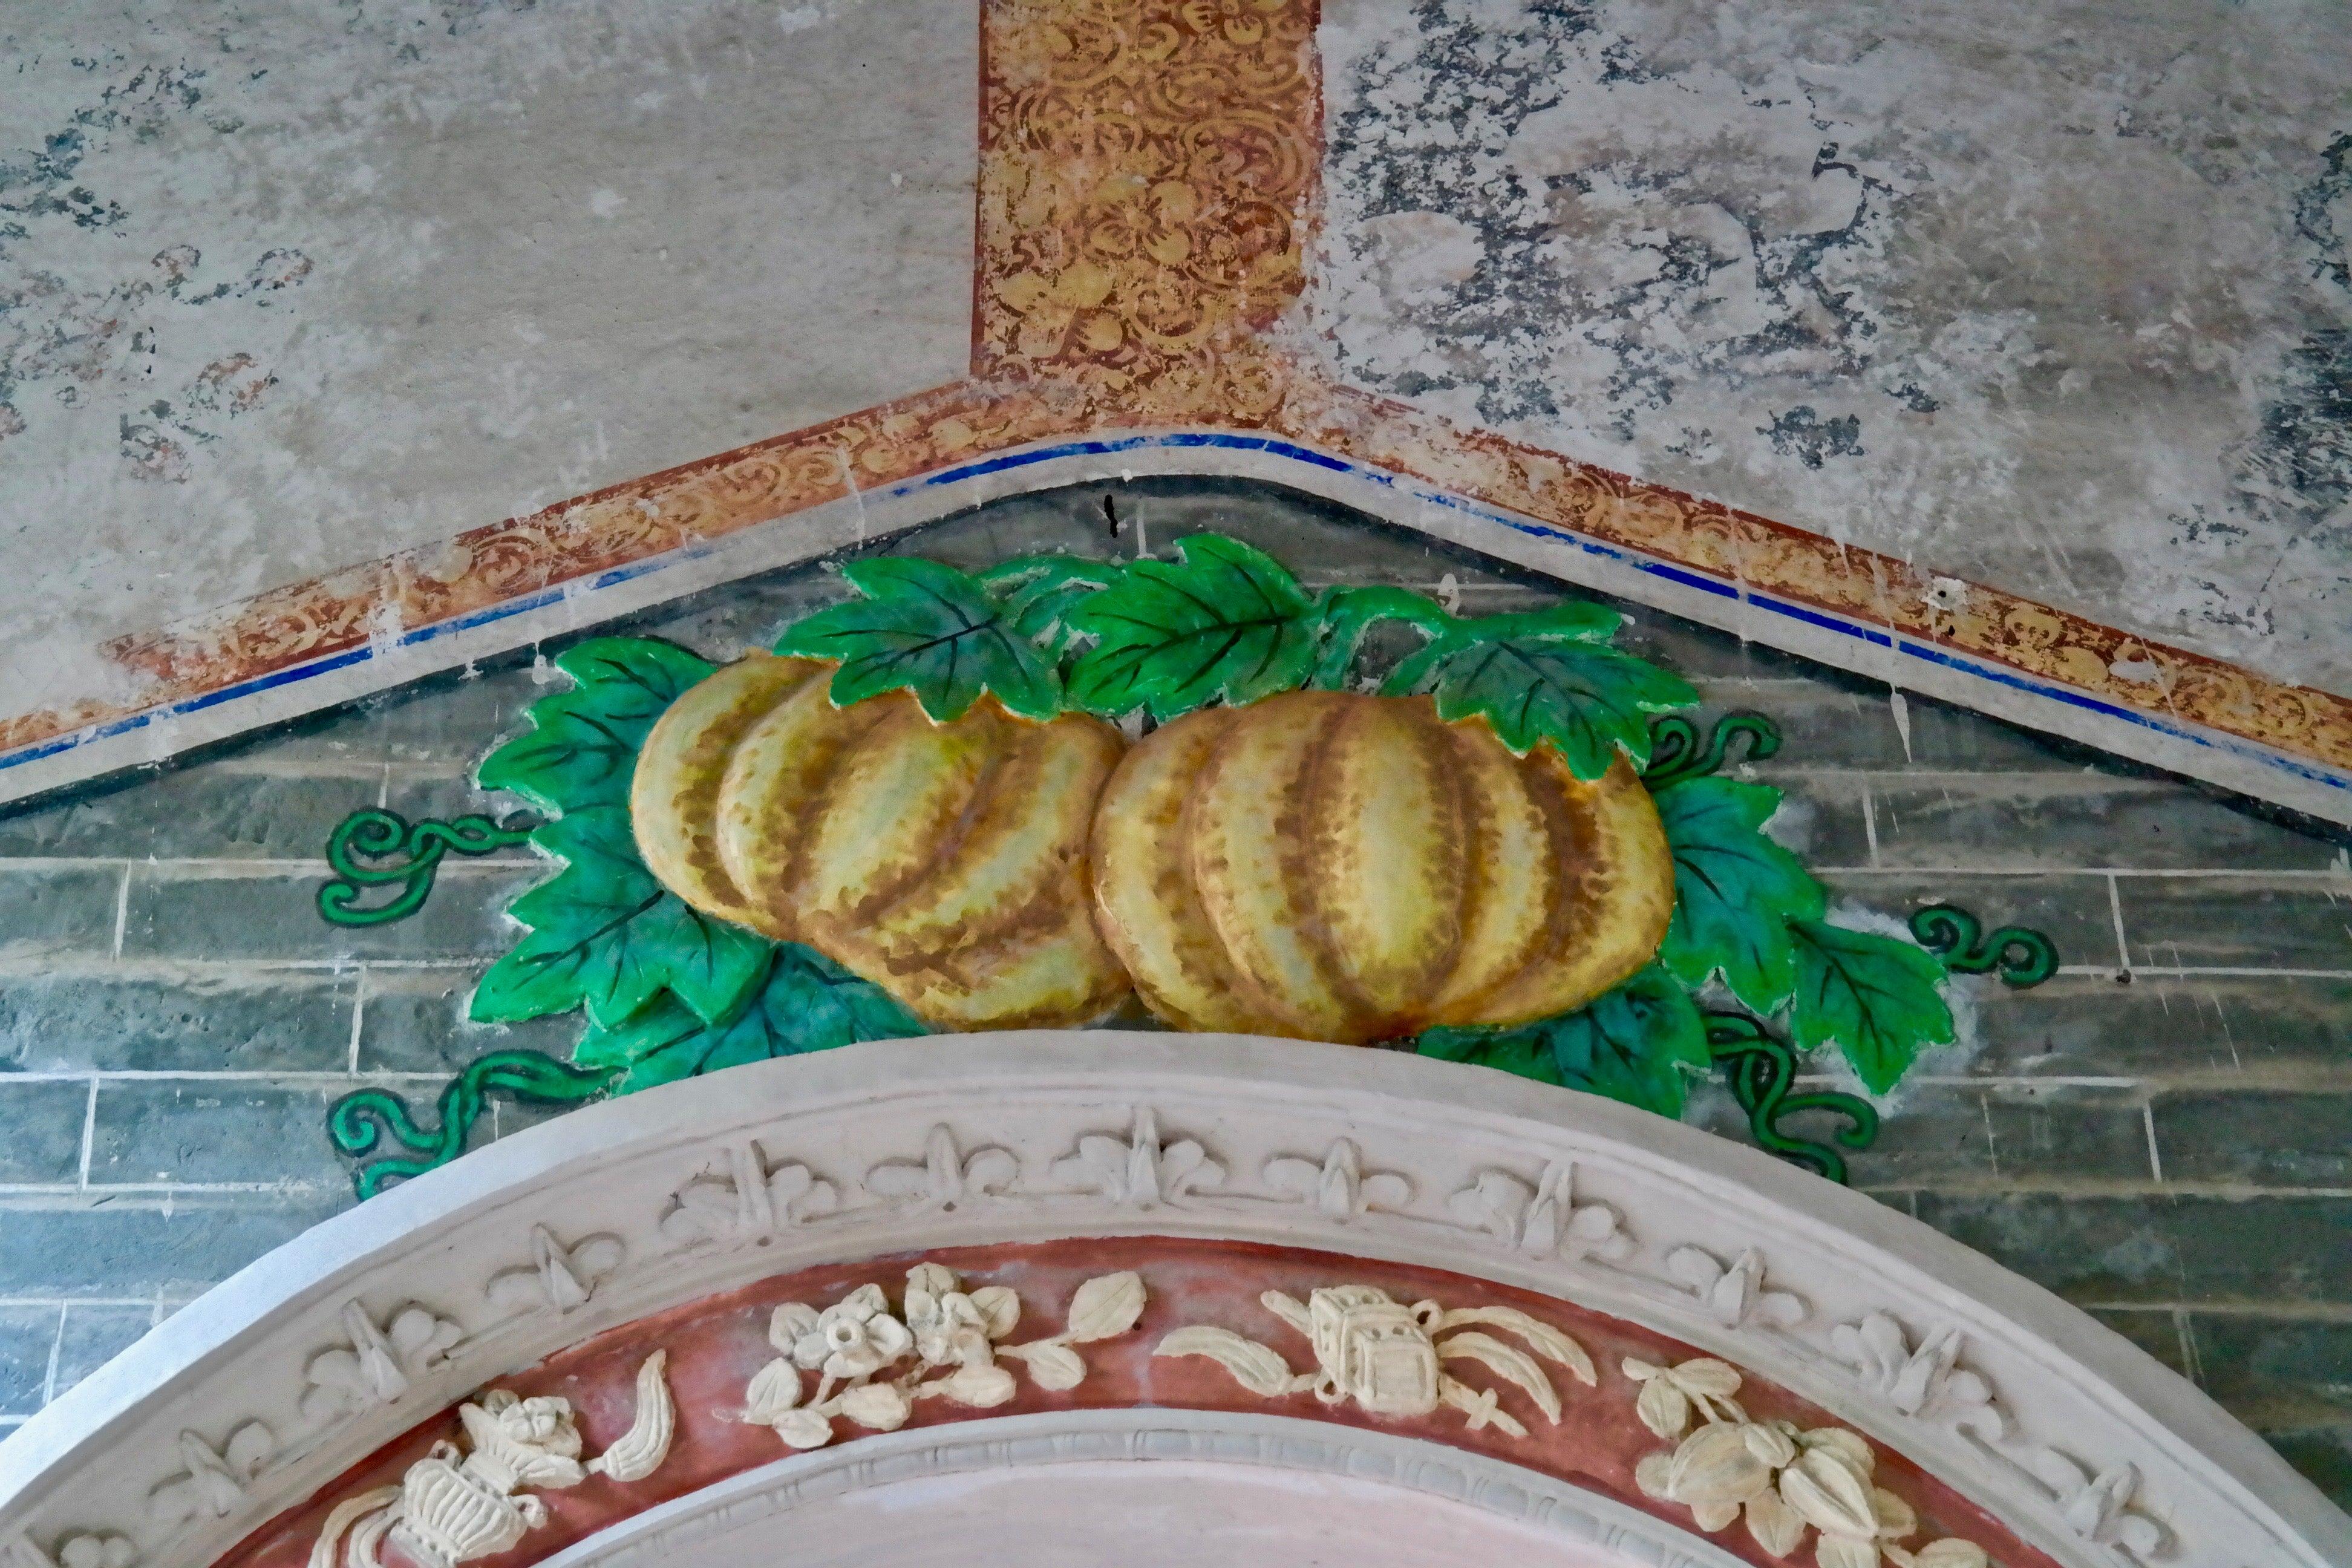 墙上侧门上方的彩绘装饰和灰泥浮雕的水果(2017年)